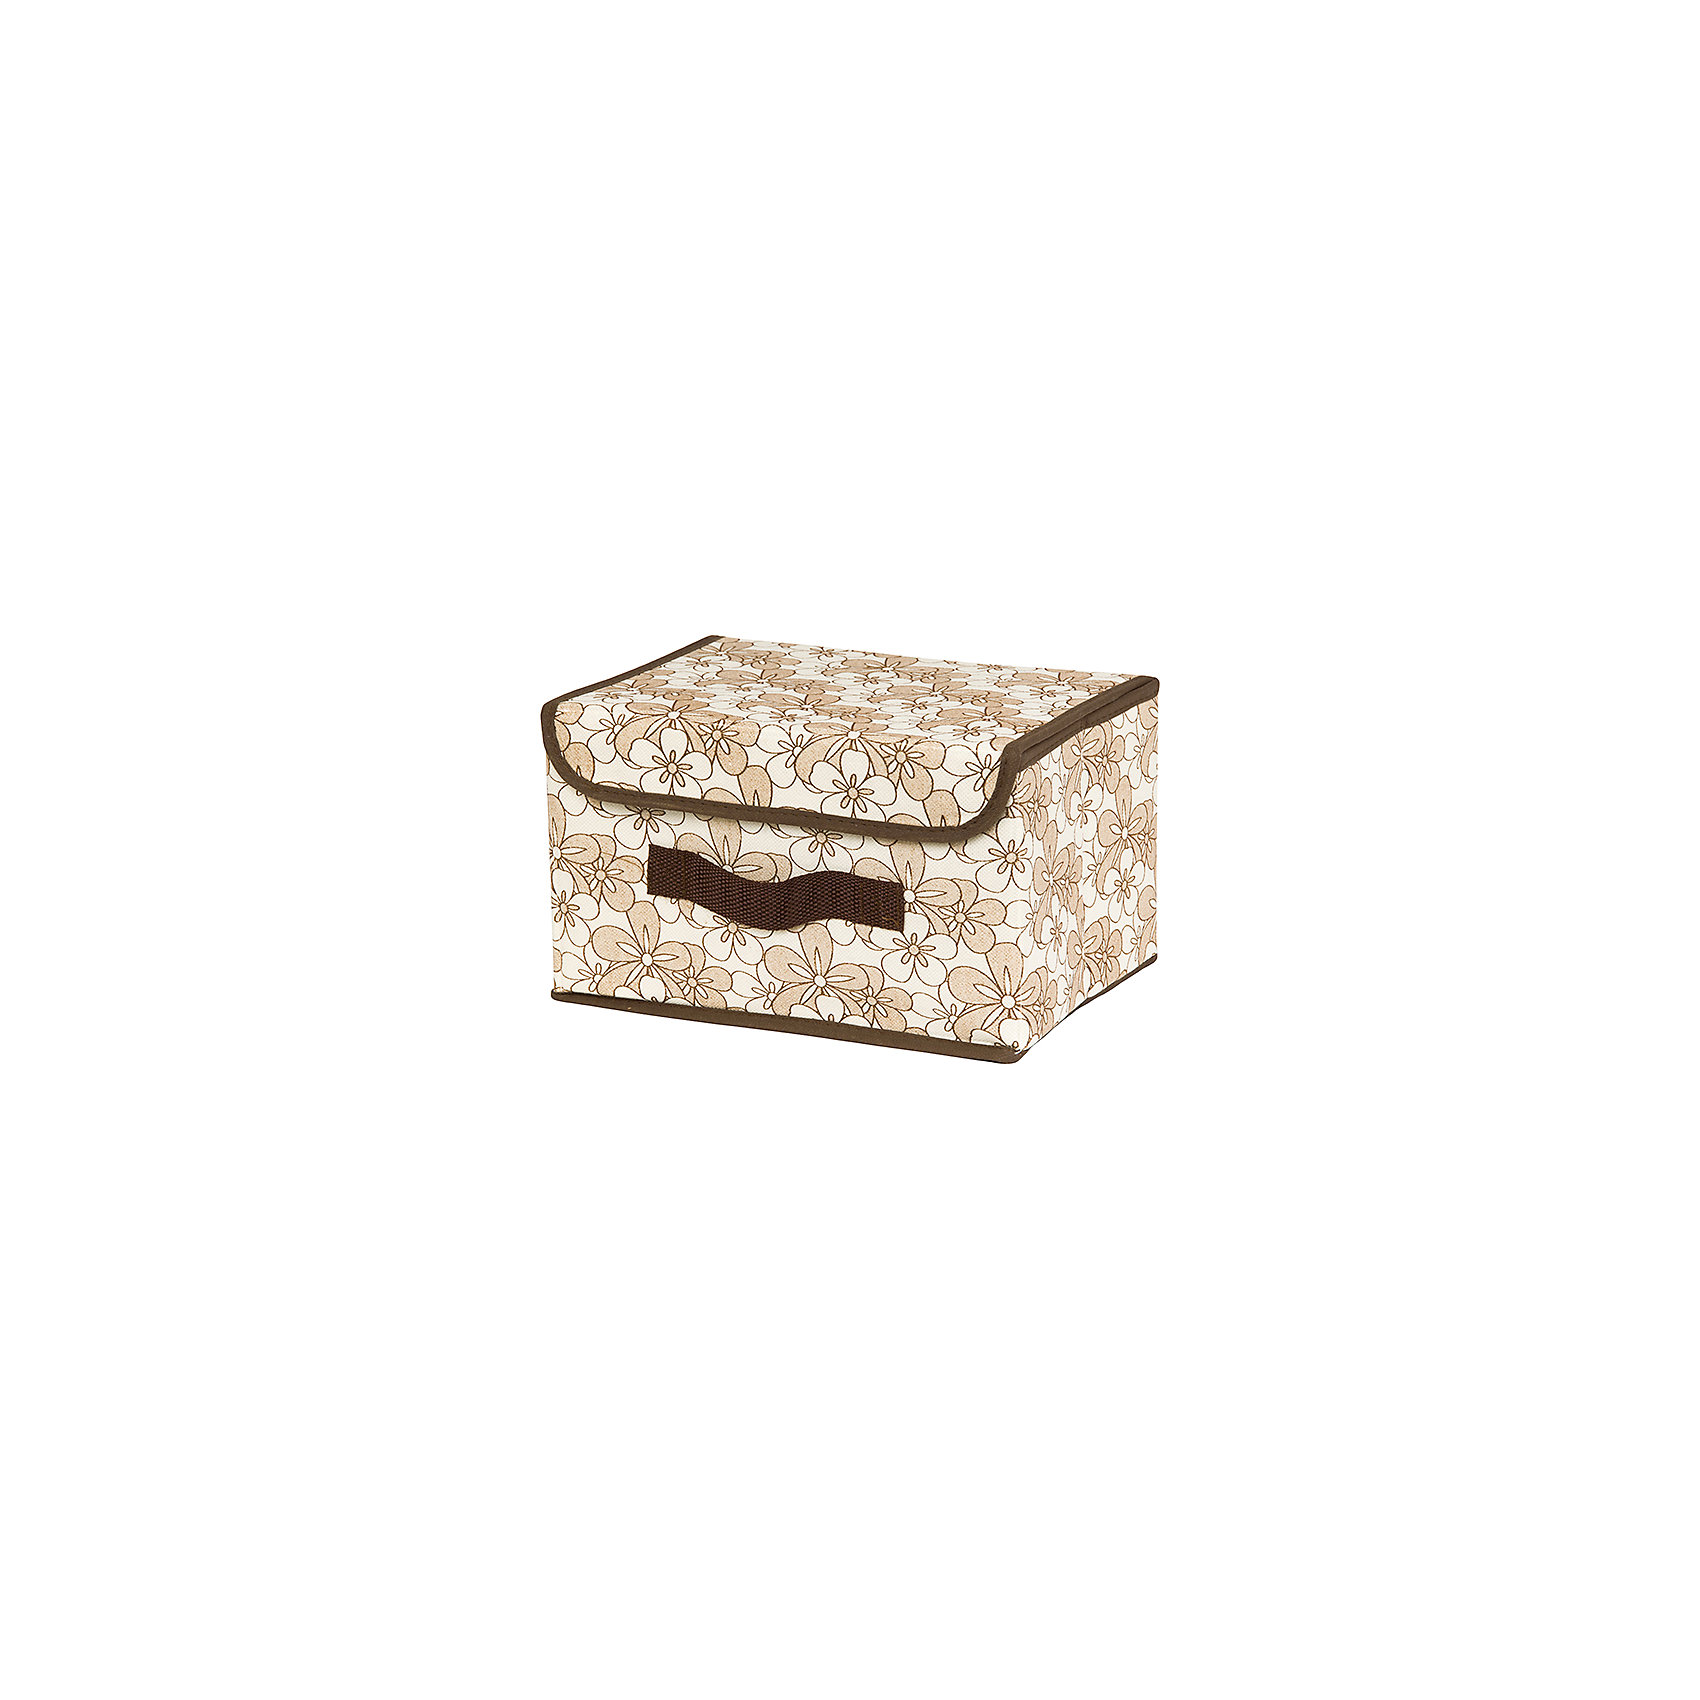 Кофр складной для хранения 26*20*16 см. Цветочное изобилие, EL CasaПорядок в детской<br>Характеристики товара:<br><br>• цвет: мульти<br>• материал: текстиль (полиэстер), картон<br>• размер: 26 х 20 х 16 см<br>• вес: 400 г<br>• декорирован принтом<br>• с жестким каркасом<br>• легко складывается и раскладывается<br>• удобный<br>• с крышкой и ручкой<br>• универсальный размер<br>• страна бренда: Российская Федерация<br>• страна производства: Китай<br><br>Такой кофр - отличный пример красивой и функциональной вещи для любого интерьера. В нем удобной хранить различные мелочи, благодаря универсальному дизайну и расцветке он хорошо будет смотреться в помещении.<br><br>Кофр с жёстким каркасом для хранения может стать отличным приобретением для дома или подарком для любителей красивых оригинальных вещей.<br><br>Бренд EL Casa - это красивые и практичные товары для дома с современным дизайном. Они добавляют в жильё уюта и комфорта! <br><br>Кофр складной для хранения 26*20*16 см. Цветочное изобилие, EL Casa можно купить в нашем интернет-магазине.<br><br>Ширина мм: 270<br>Глубина мм: 210<br>Высота мм: 27<br>Вес г: 367<br>Возраст от месяцев: 0<br>Возраст до месяцев: 1188<br>Пол: Унисекс<br>Возраст: Детский<br>SKU: 6668740